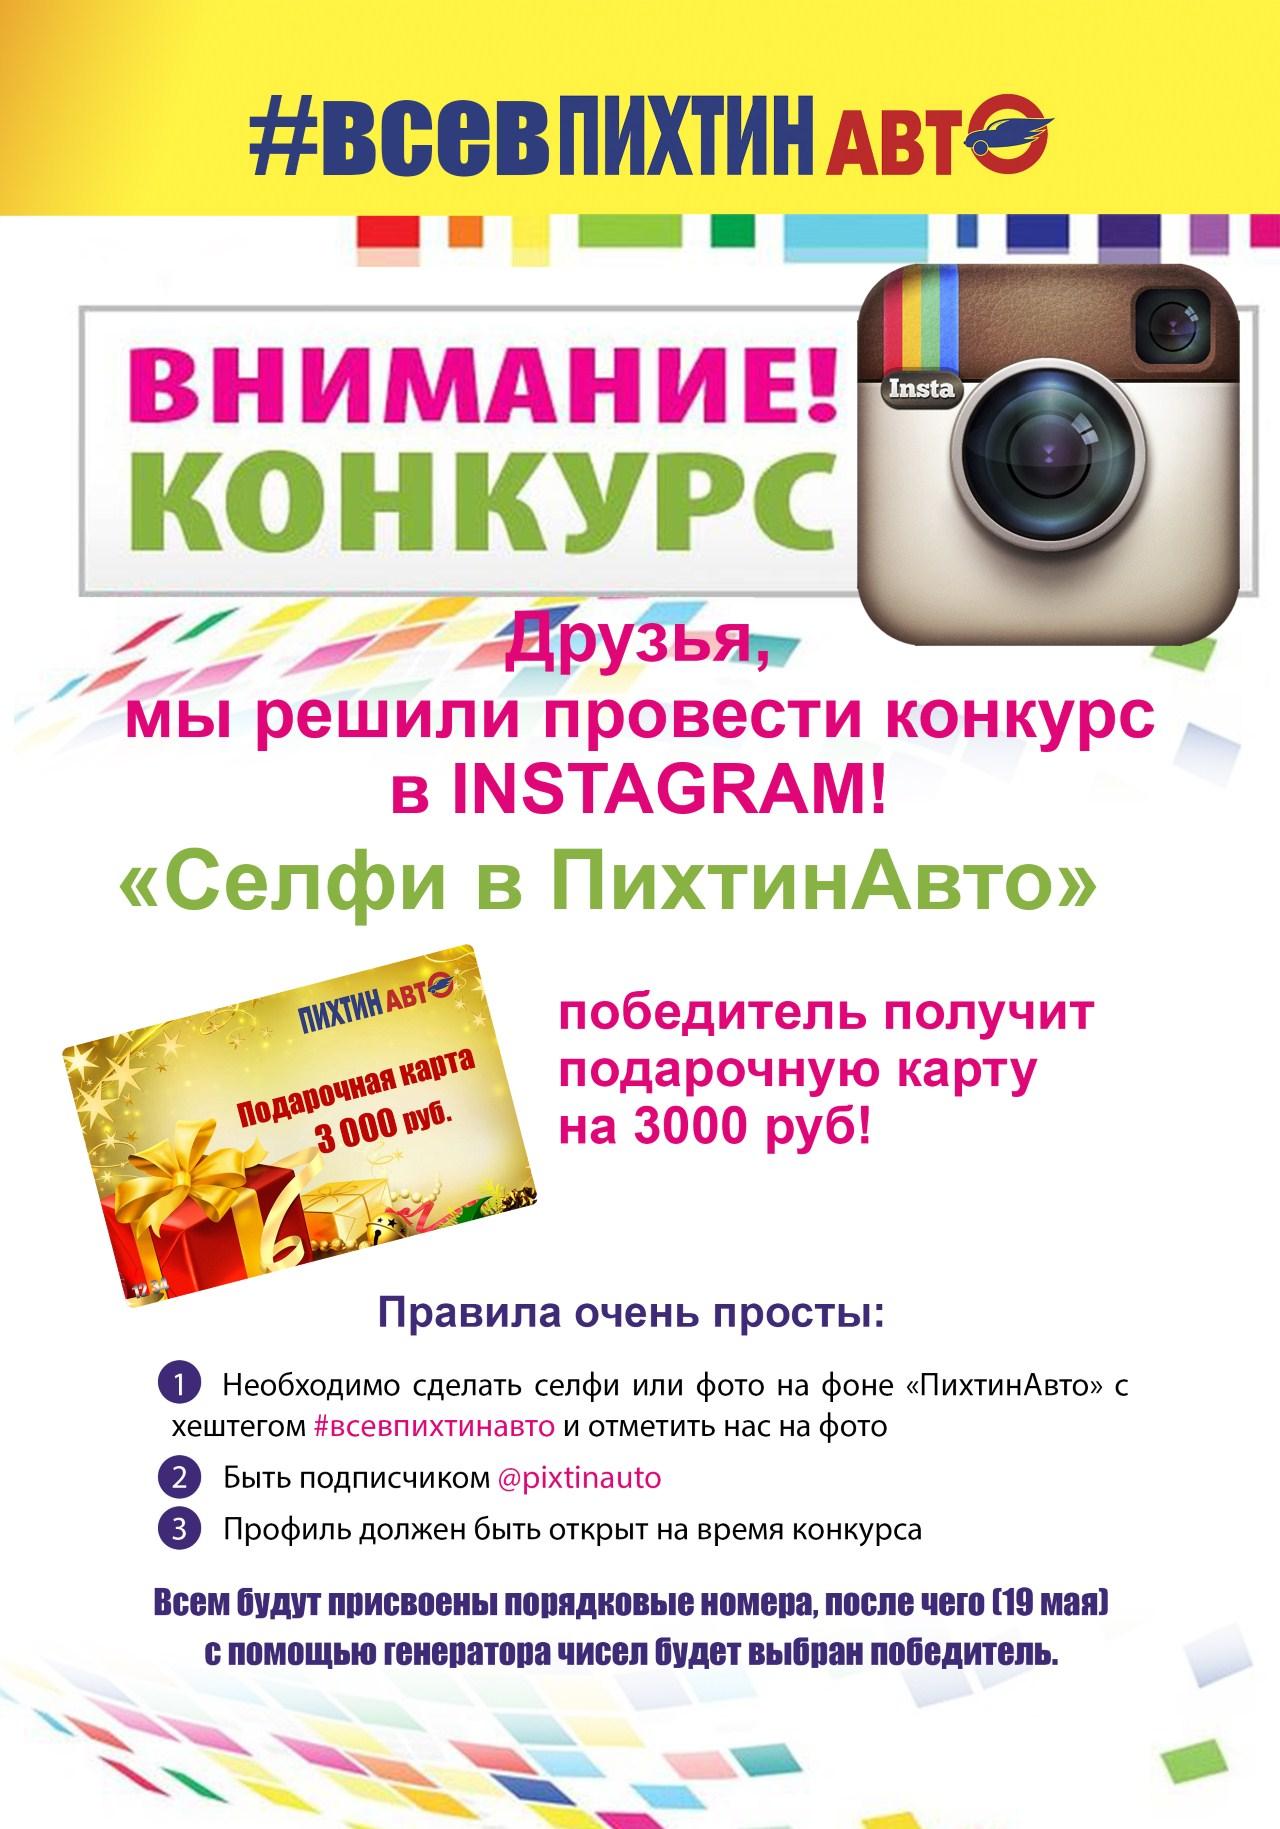 Конкурс ПихтинАвто в Instagram!